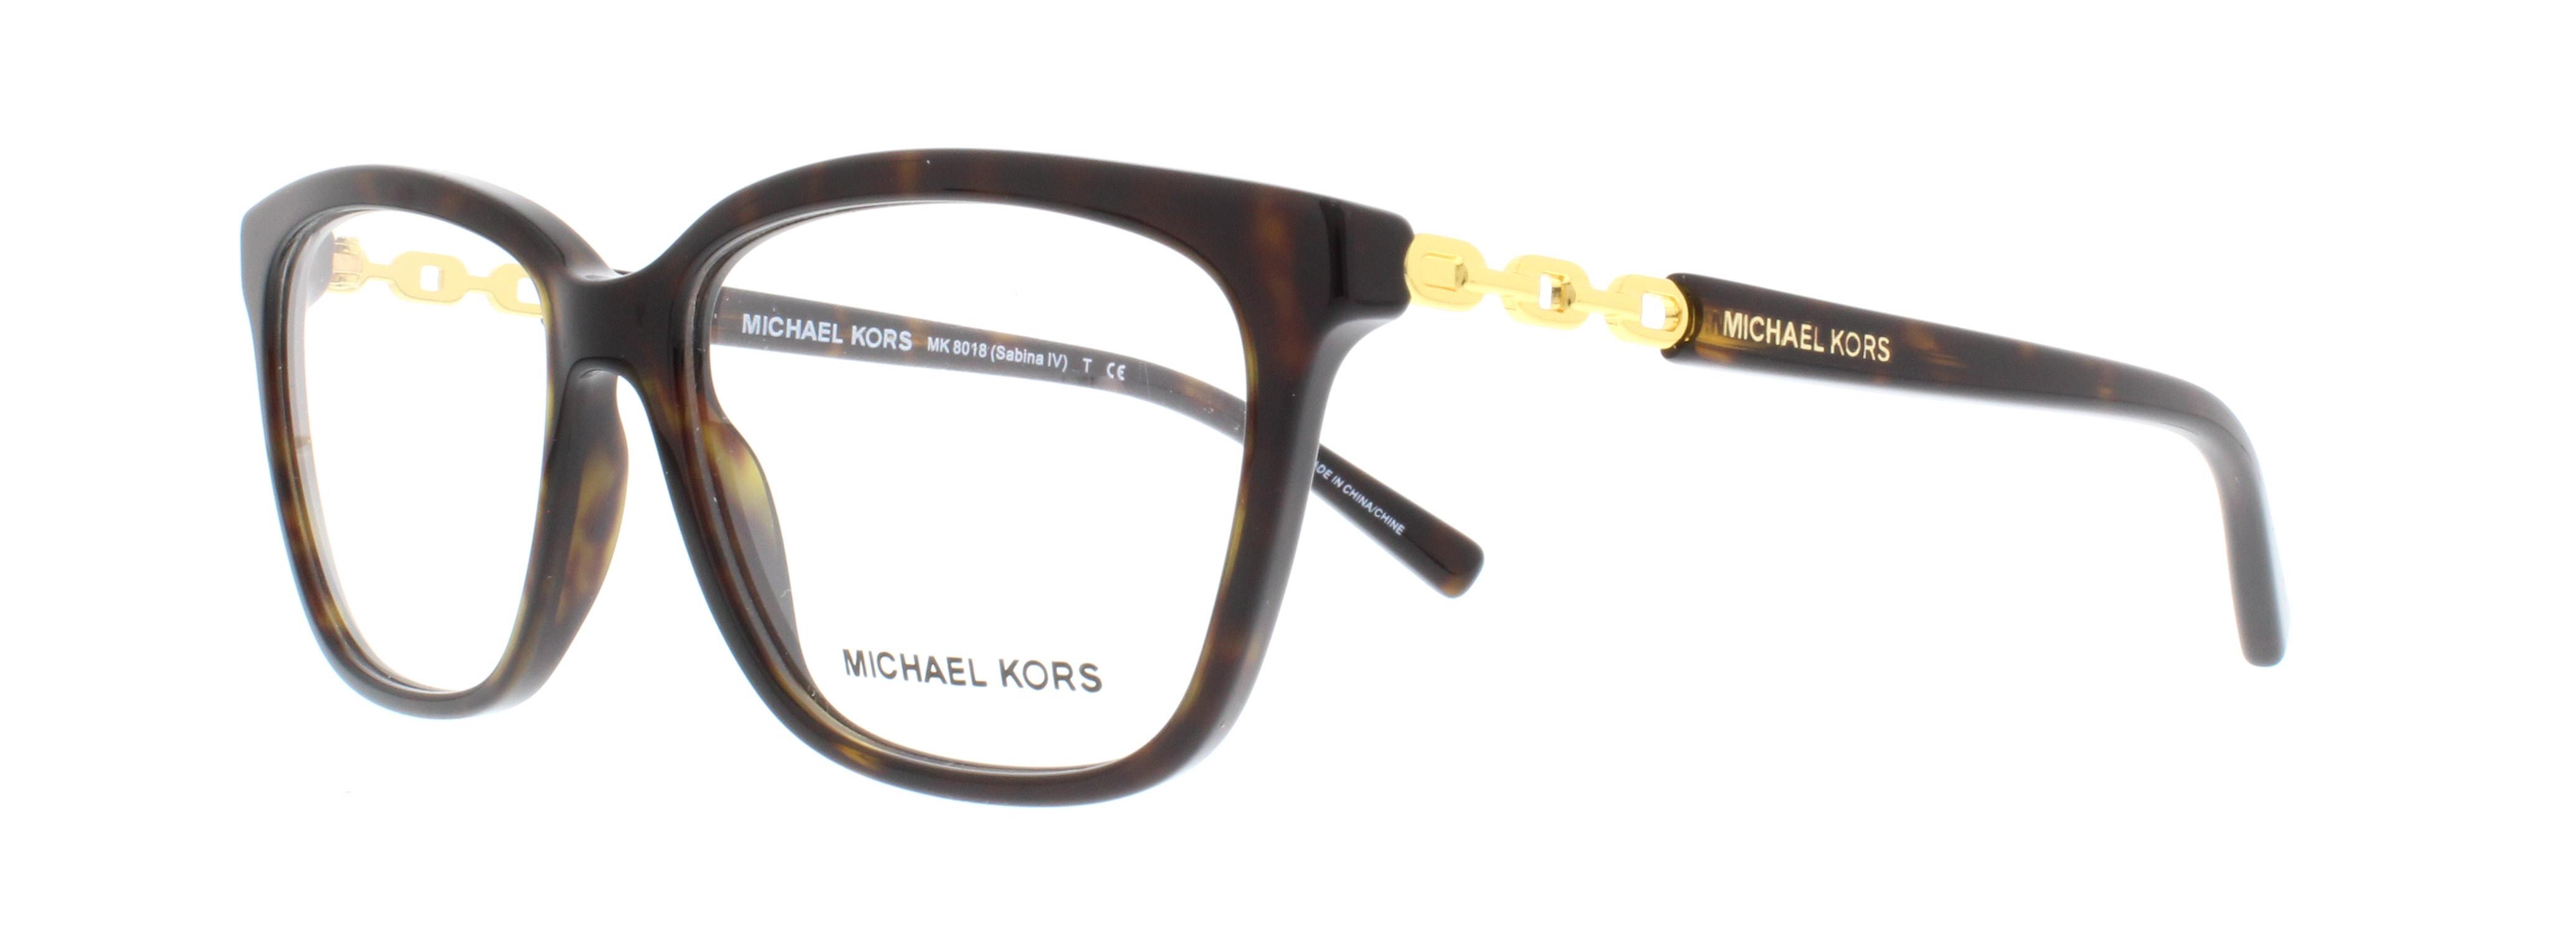 Designer Frames Outlet. Michael Kors MK8018 Sabina IV